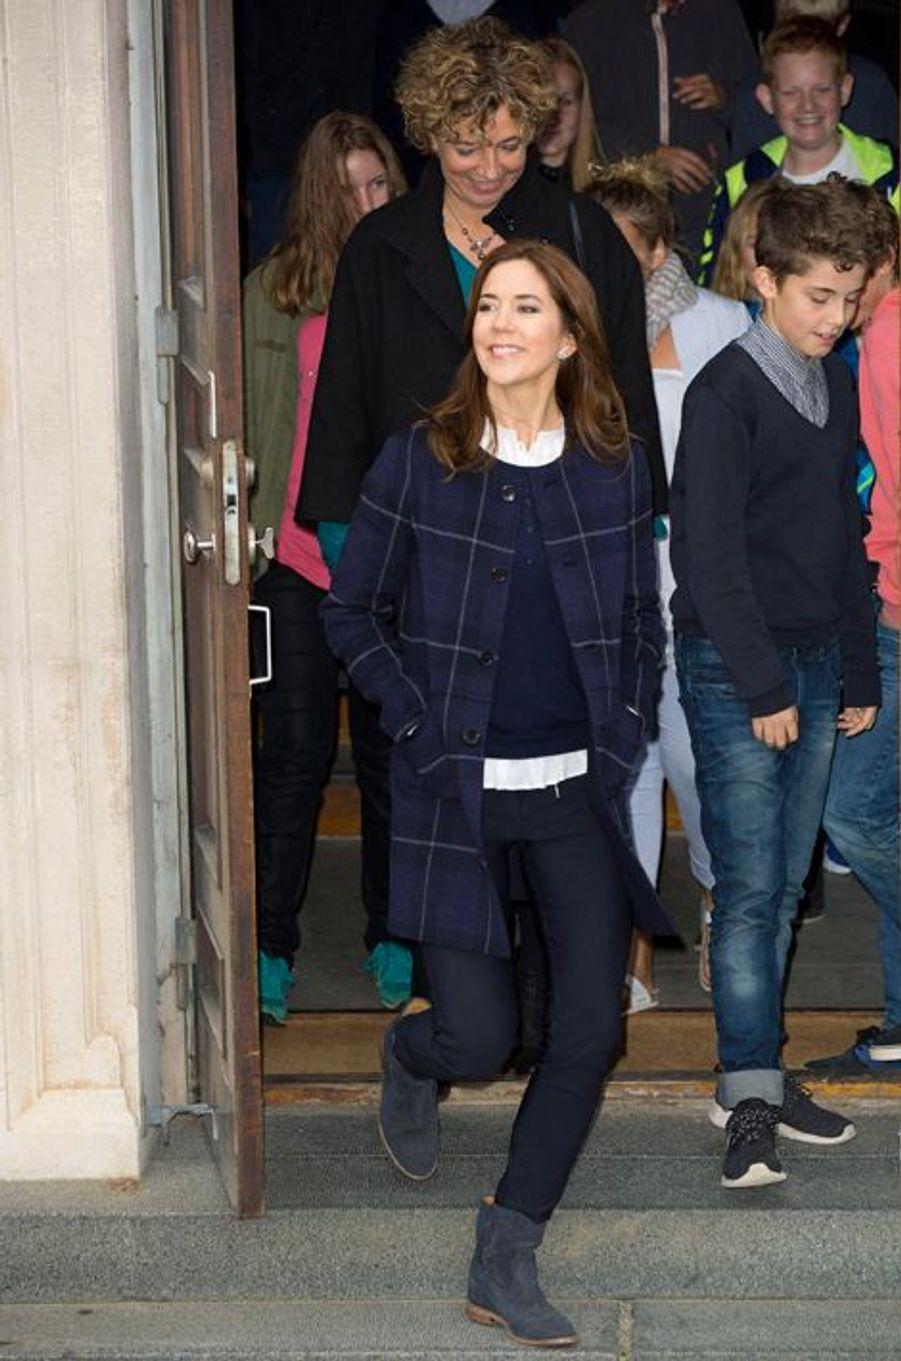 La princesse Mary de Danemark à Naevsted pour les 200 ans de l'école obligatoire, le 6 octobre 2014